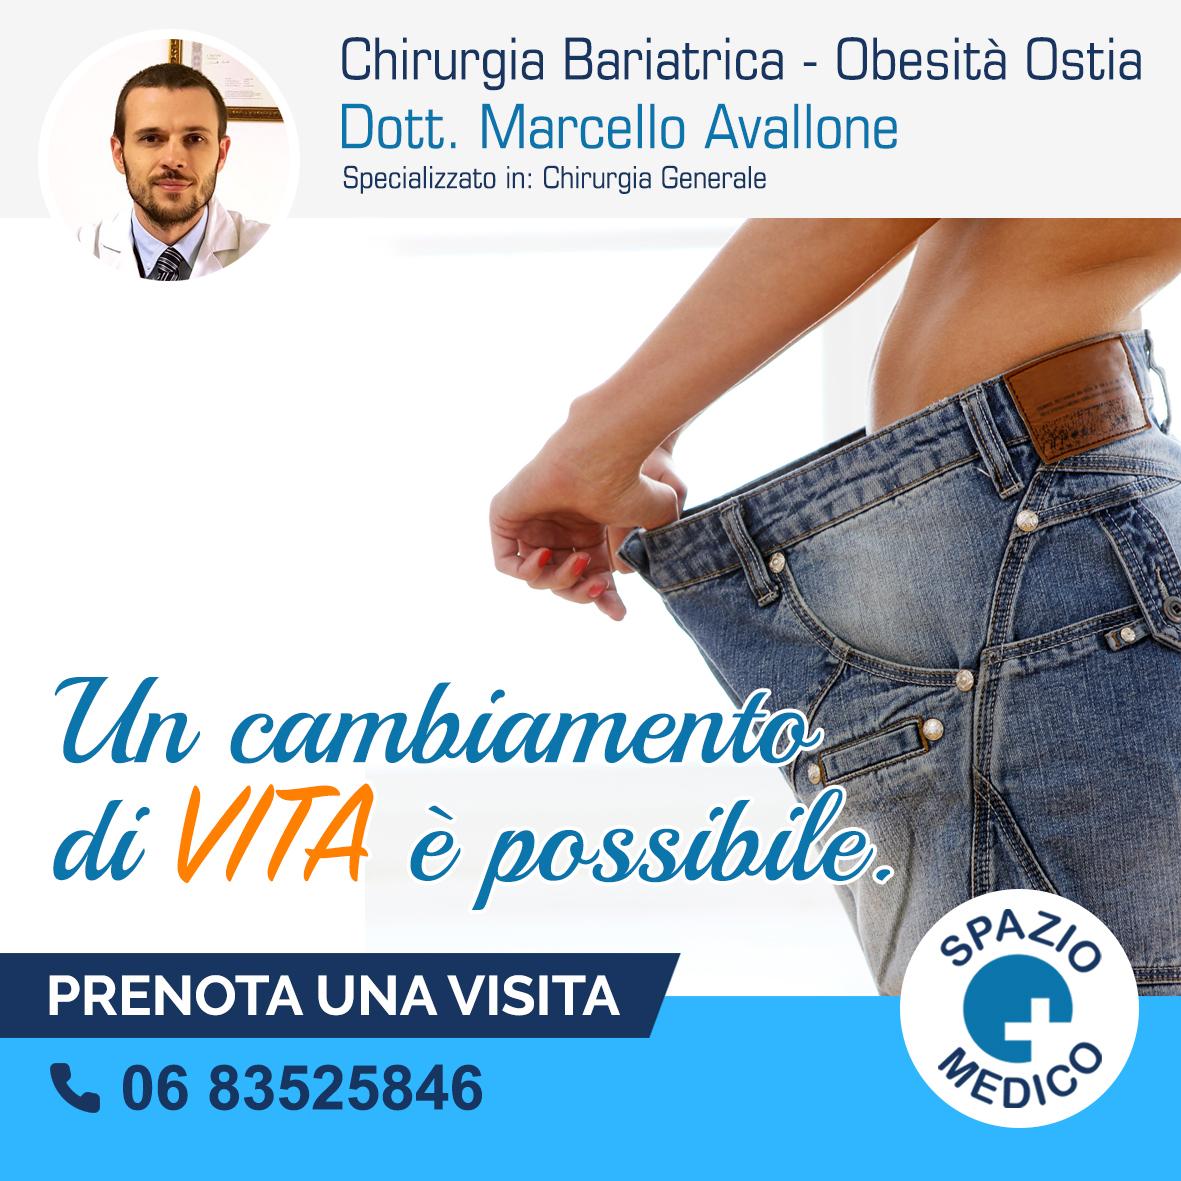 CHIRURGIA BARIATRICA CHIRURGIA DELL'OBESITÀ OSTIA